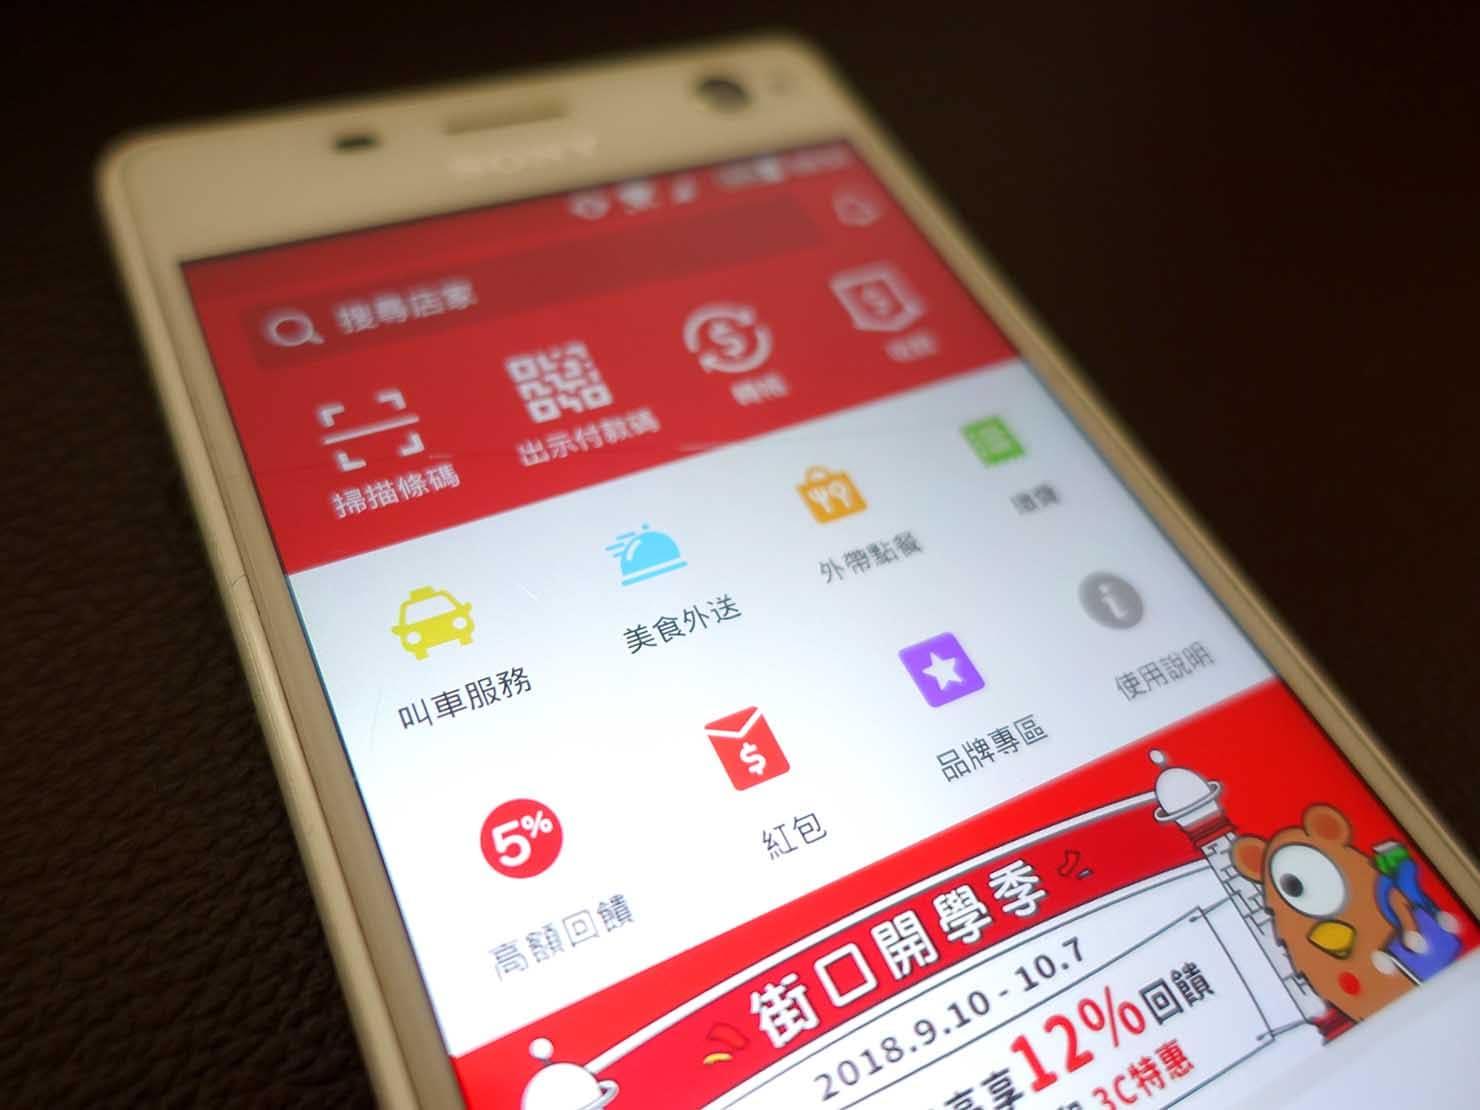 台湾のスマホ決済ツール「街口支付」のトップ画面